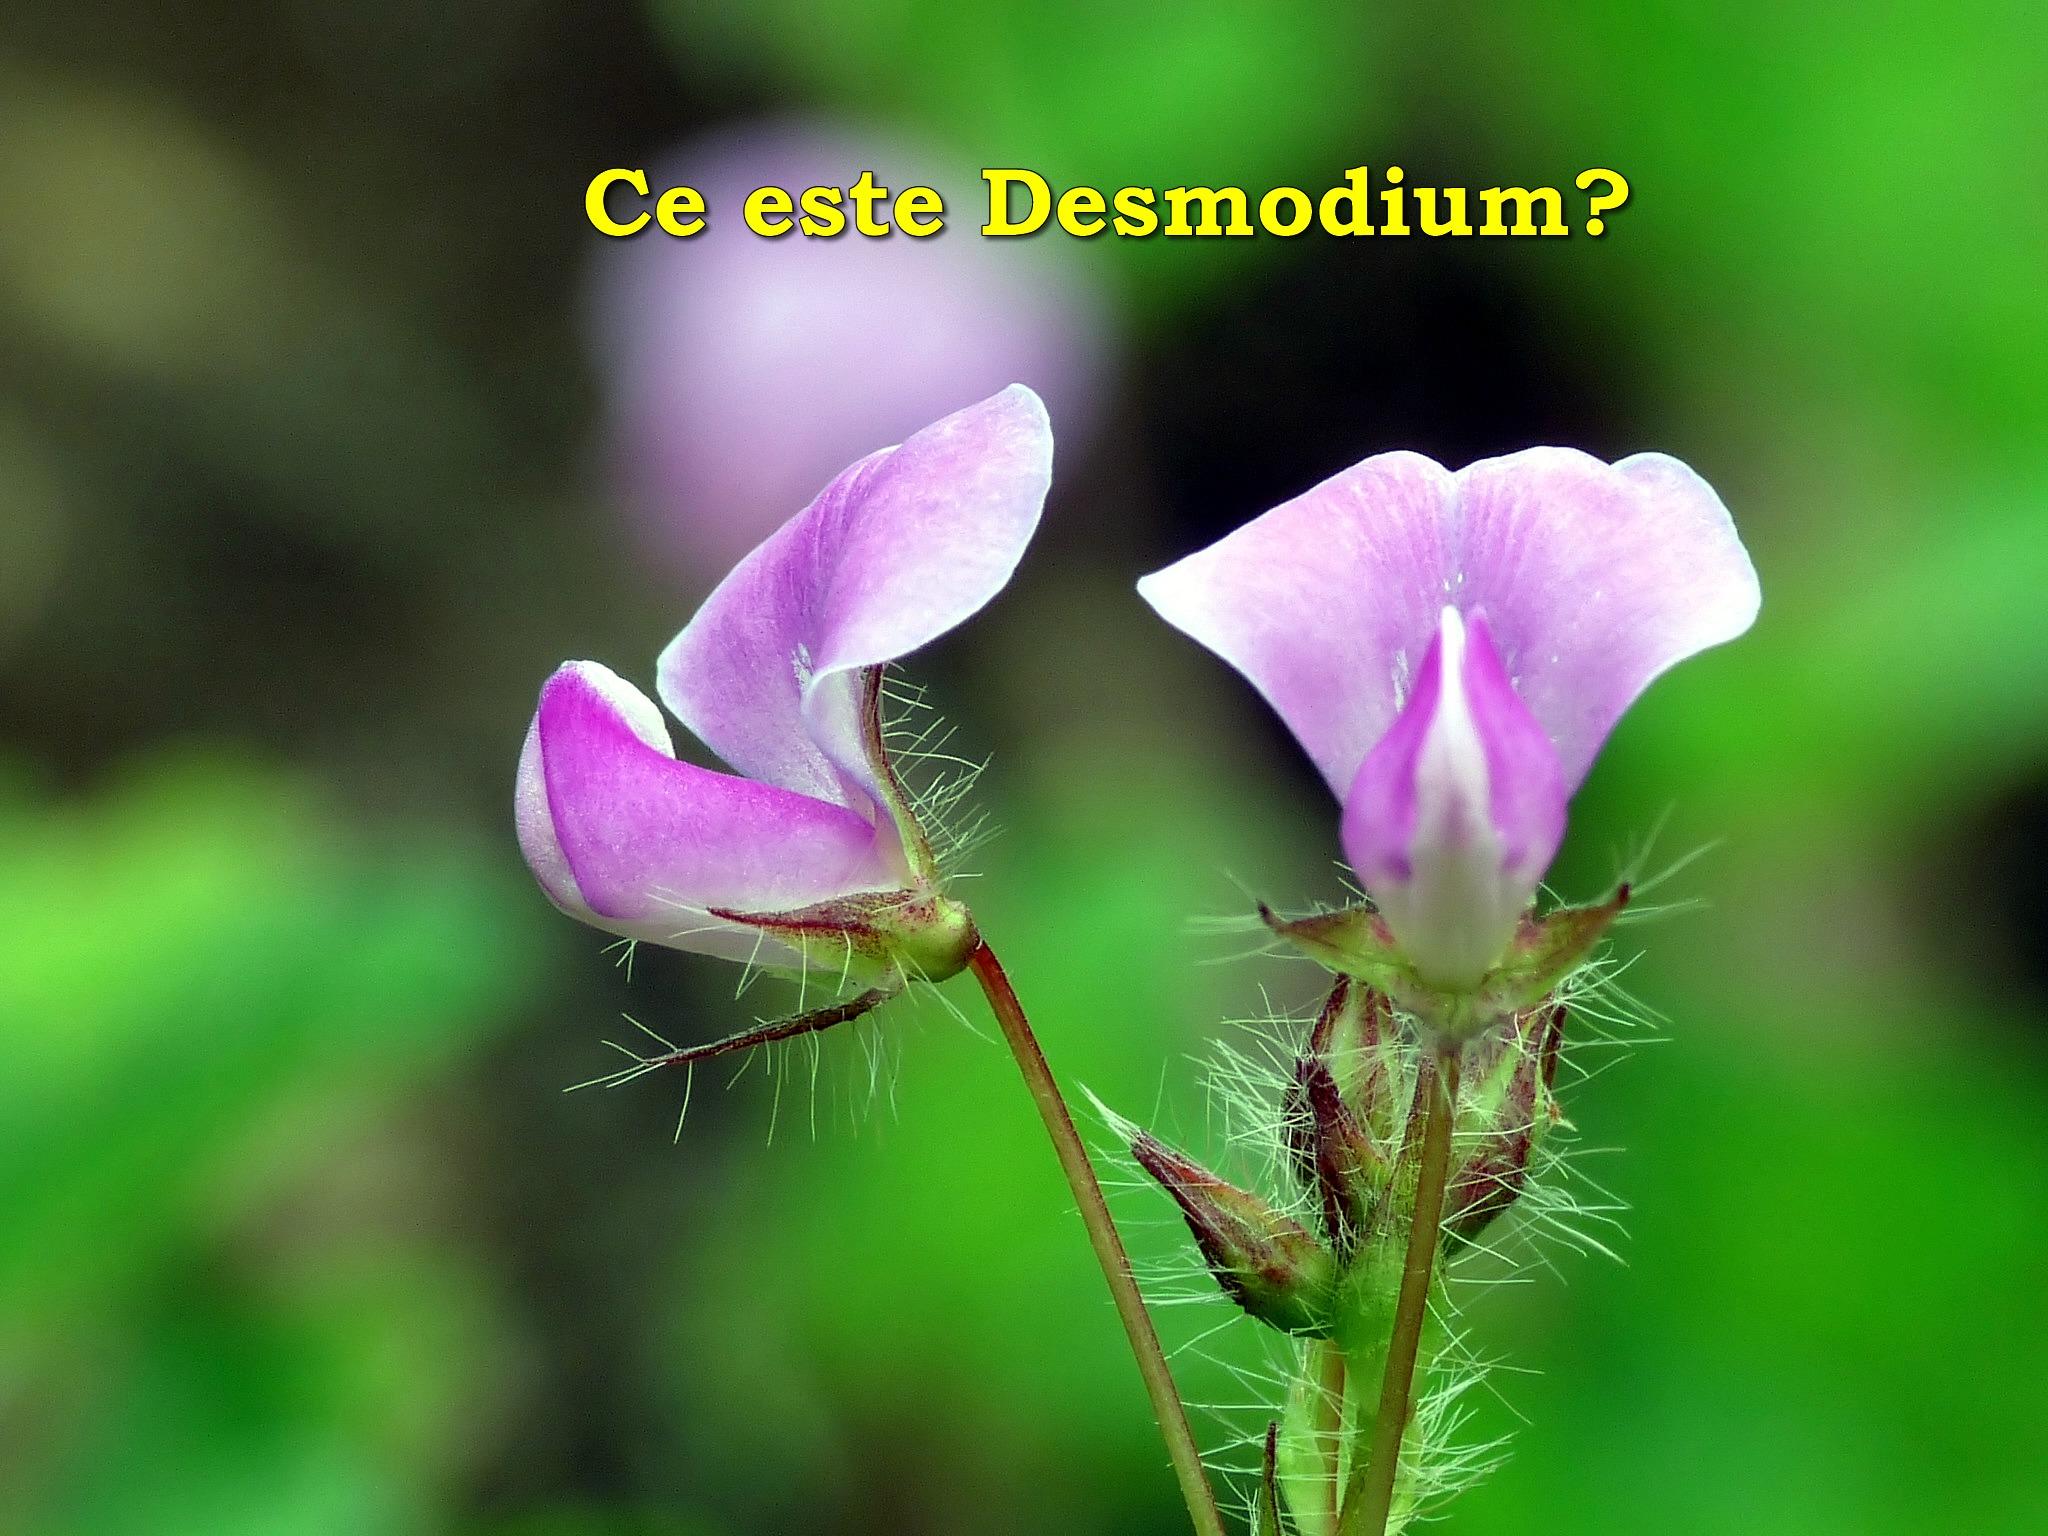 Ce este Desmodium Adcendens